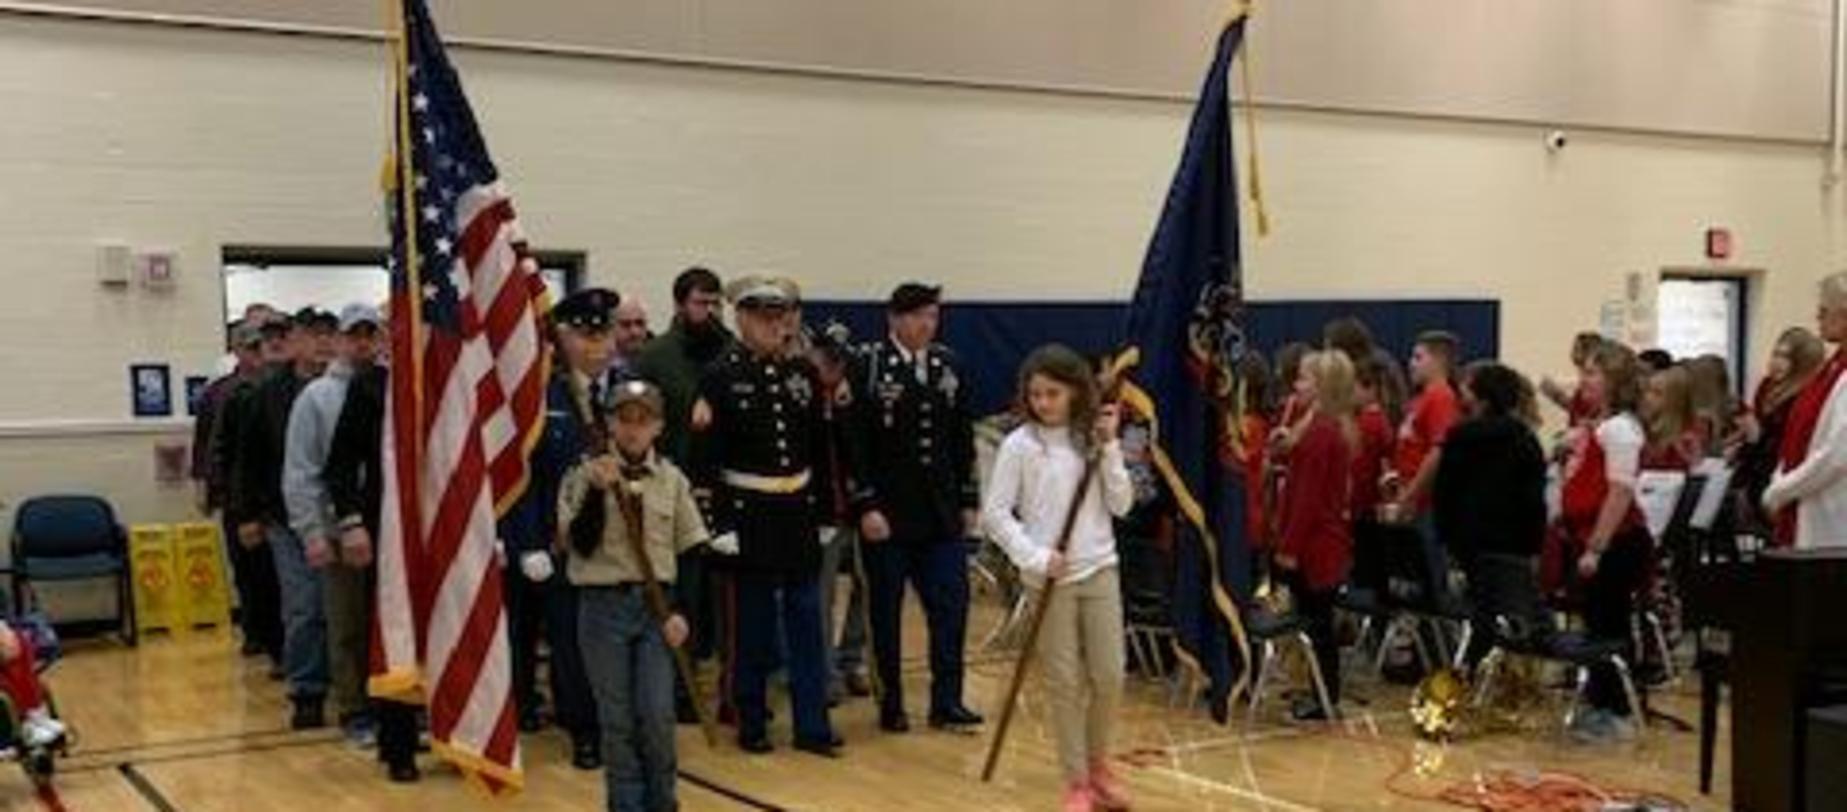 Veterans entering gym